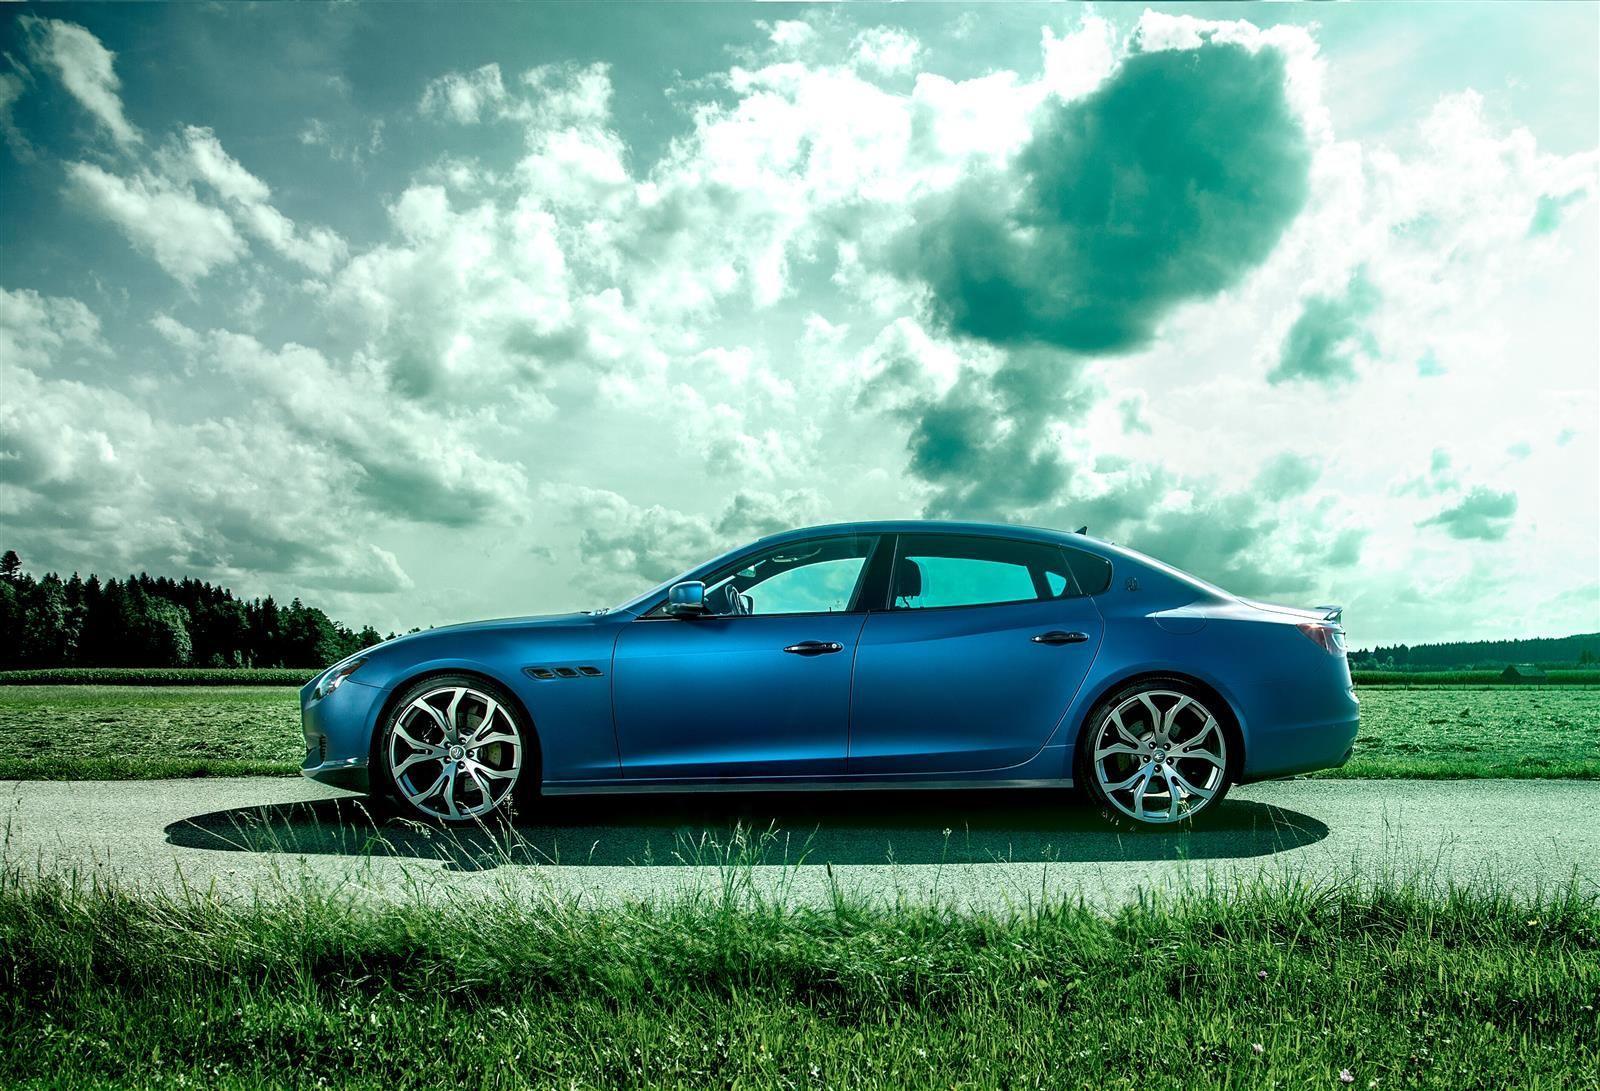 Maserati Quattroporte by Novitec Tridente - Maserati Quattroporte by Novitec Tridente